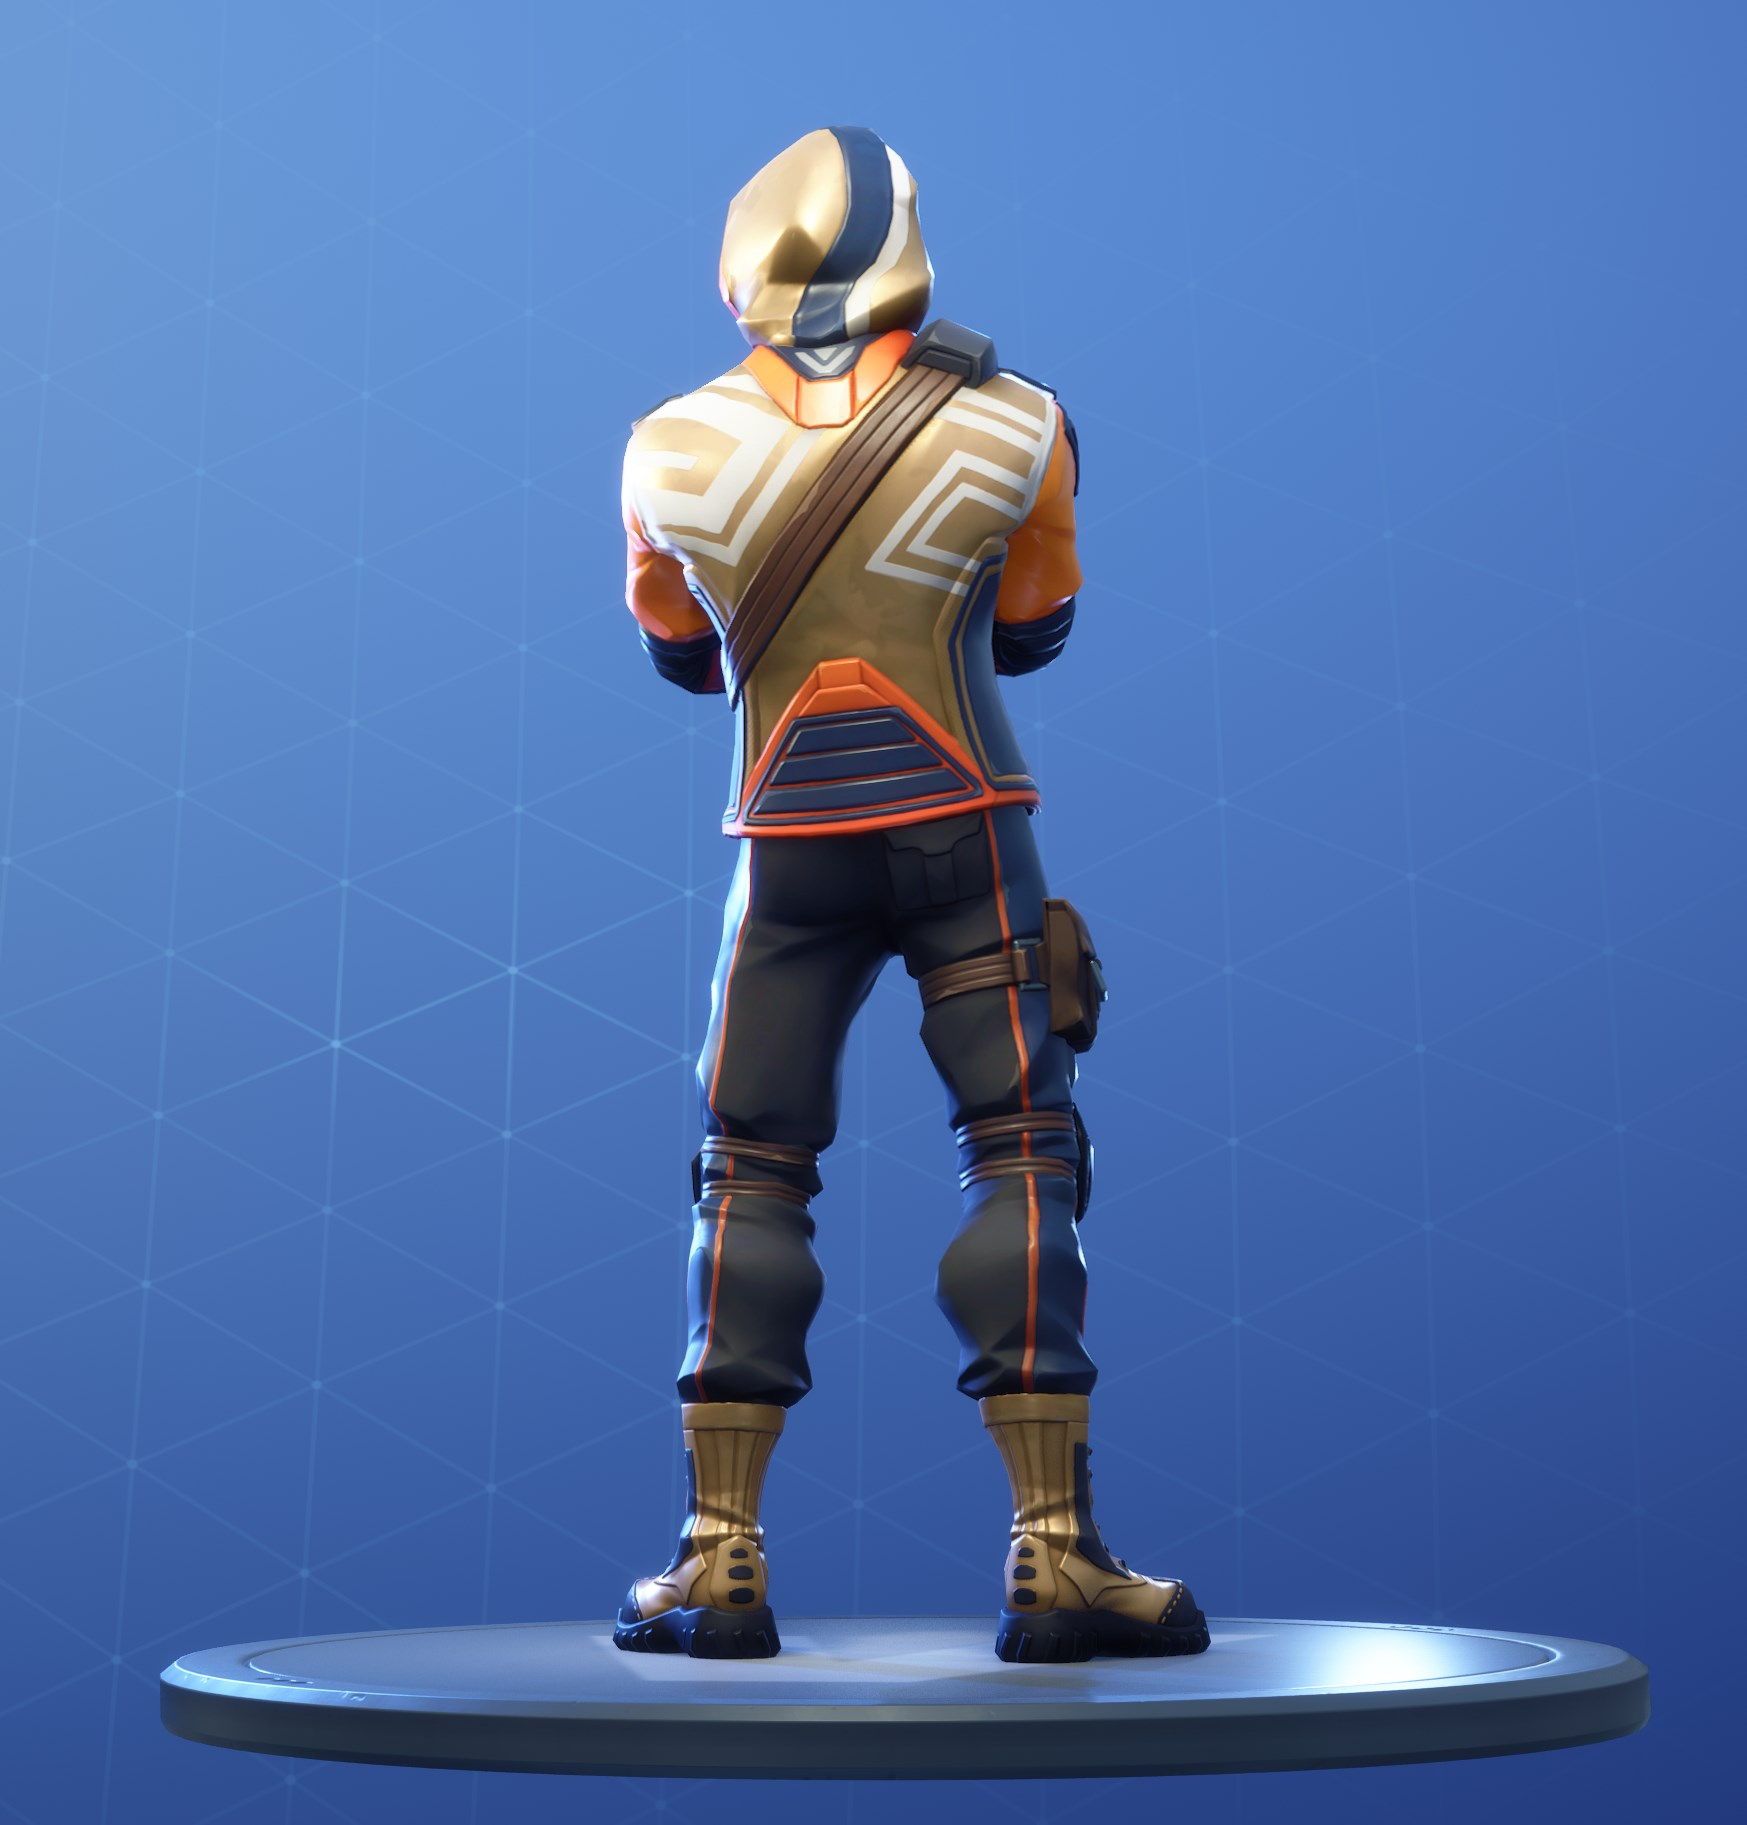 Fortnite Summit Striker Outfits Fortnite Skins